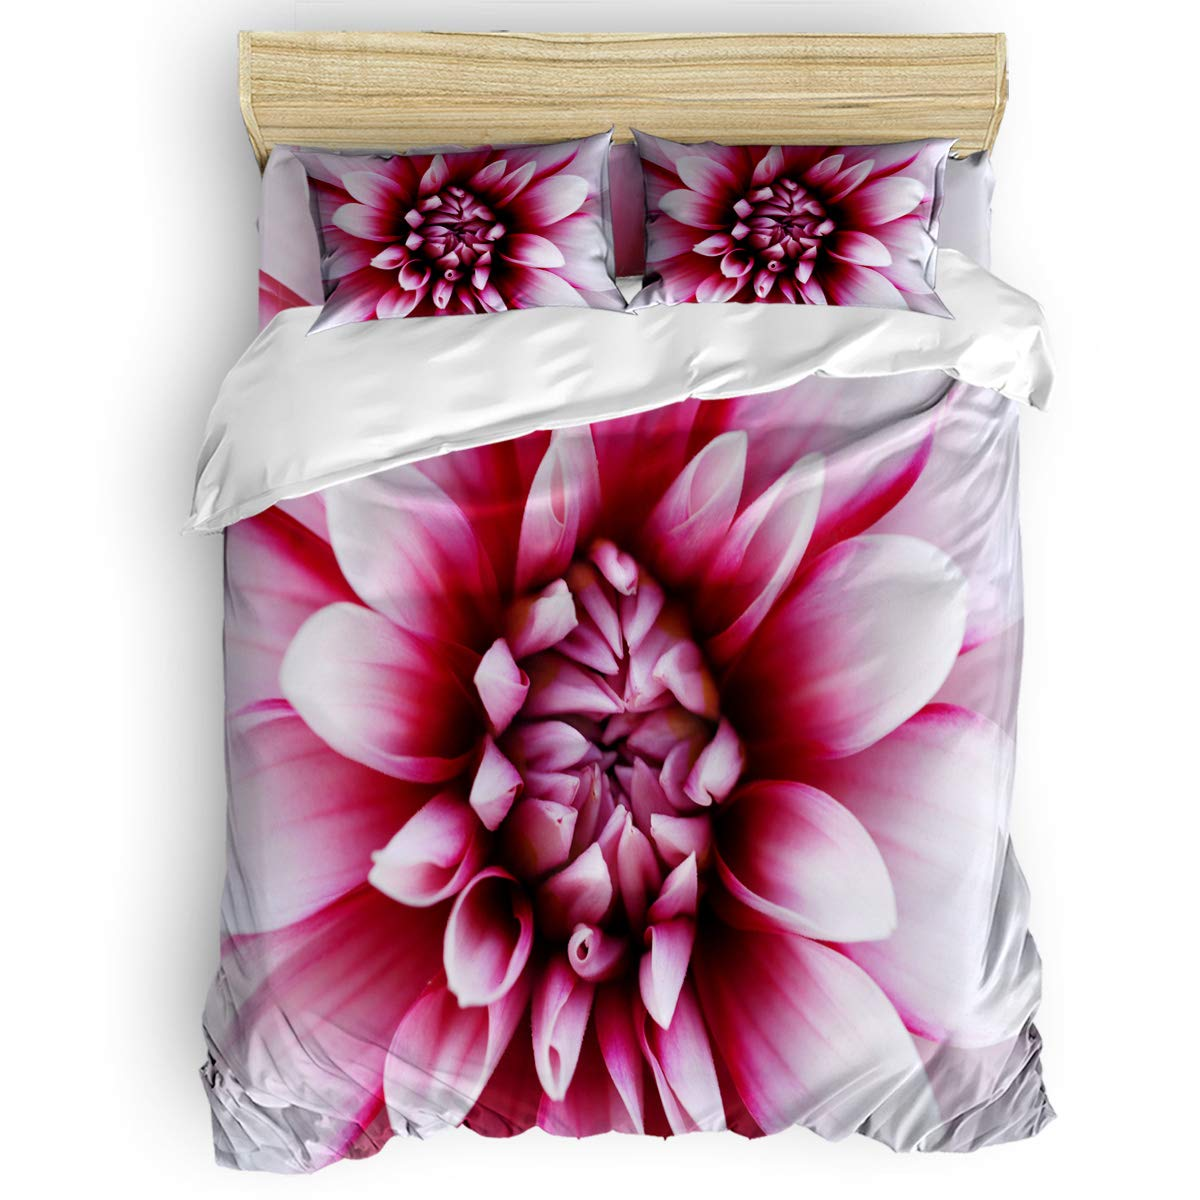 掛け布団カバー 4点セット 青い胡蝶蘭 寝具カバーセット ベッド用 べッドシーツ 枕カバー 洋式 和式兼用 布団カバー 肌に優しい 羽毛布団セット 100%ポリエステル クイーン B07TC3L56P Pink flowersLAS0255 クイーン